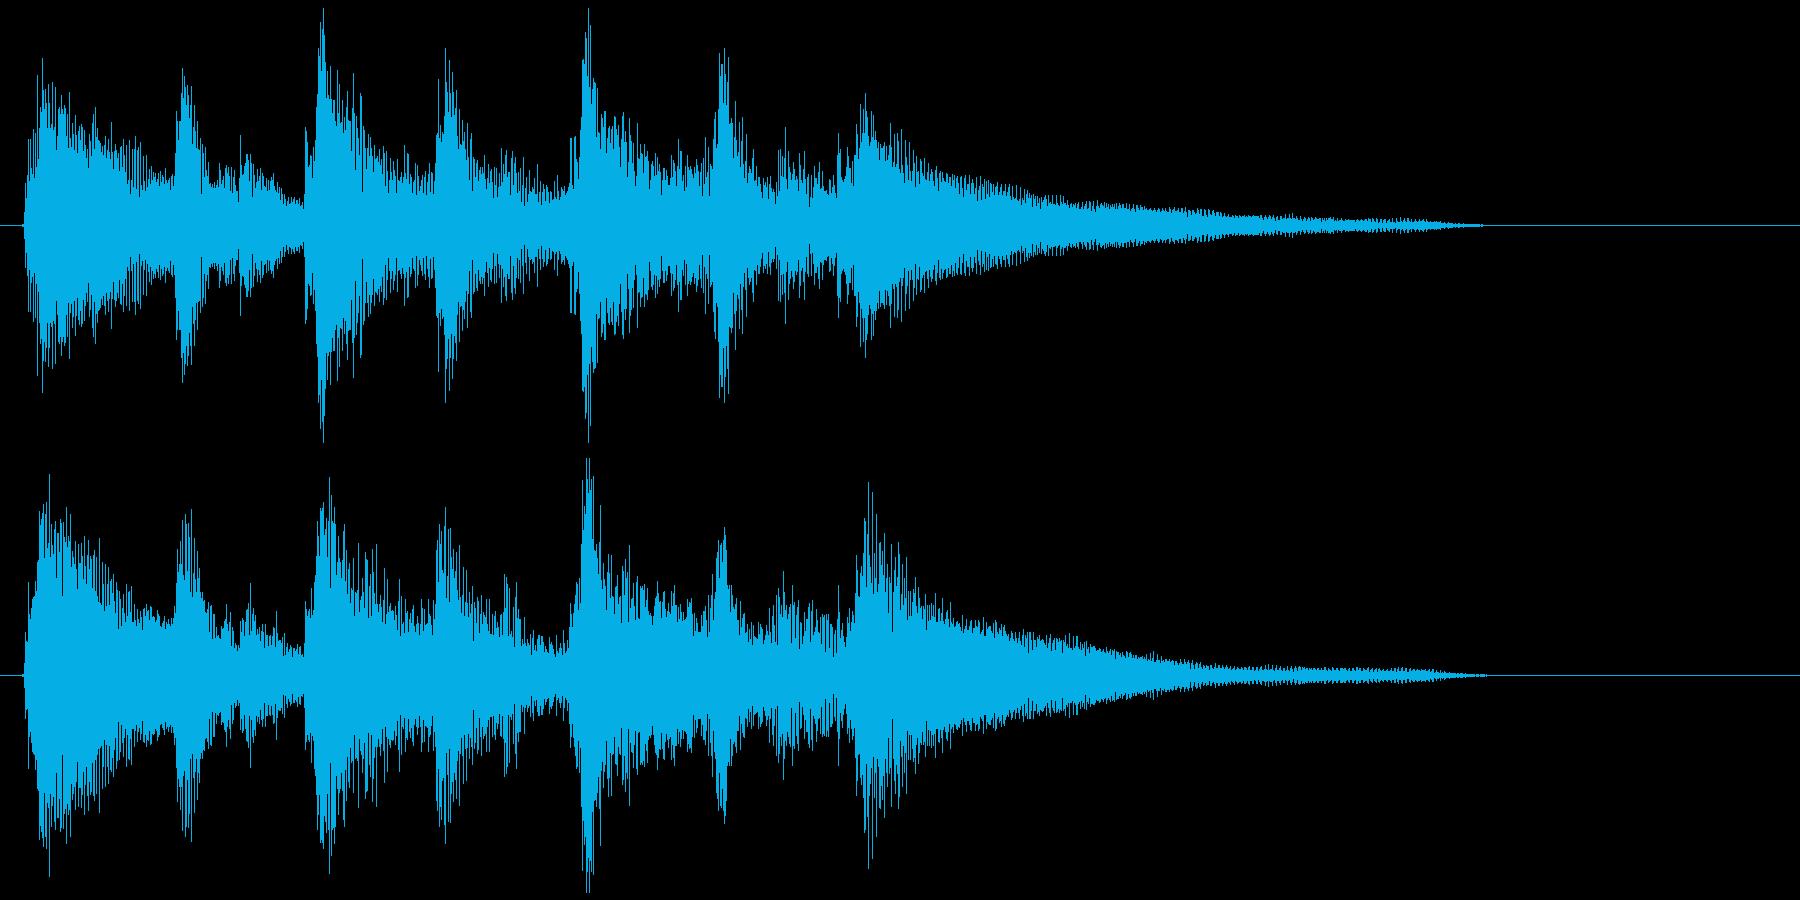 夕暮れ時のアンニュイなジングル、ウクレレの再生済みの波形